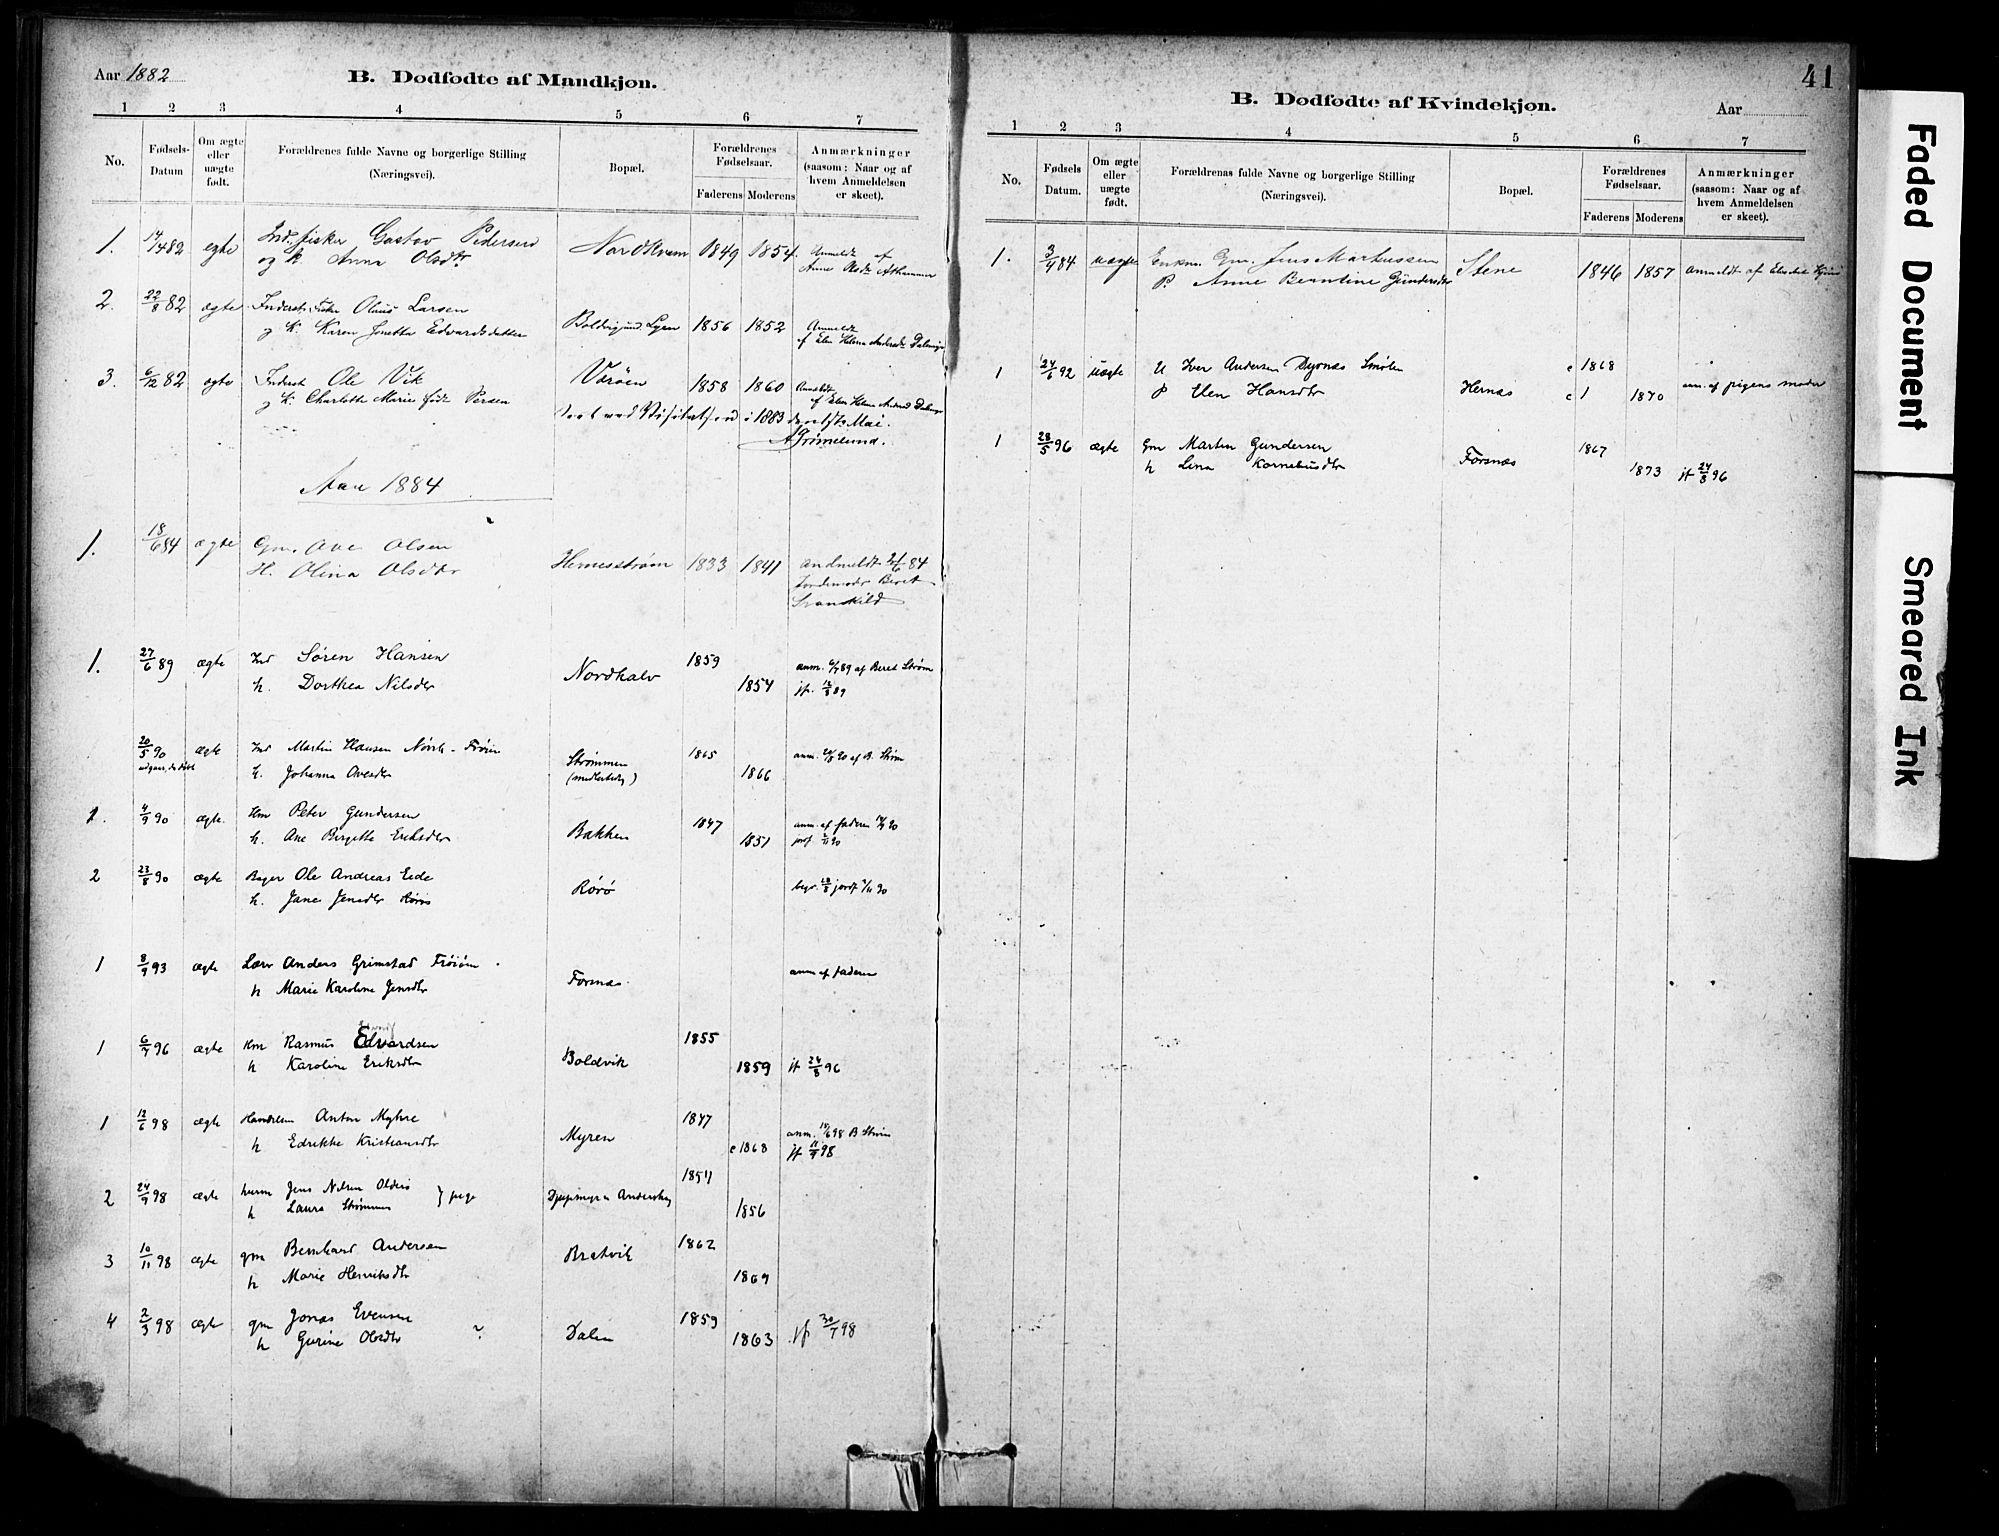 SAT, Ministerialprotokoller, klokkerbøker og fødselsregistre - Sør-Trøndelag, 635/L0551: Ministerialbok nr. 635A01, 1882-1899, s. 41